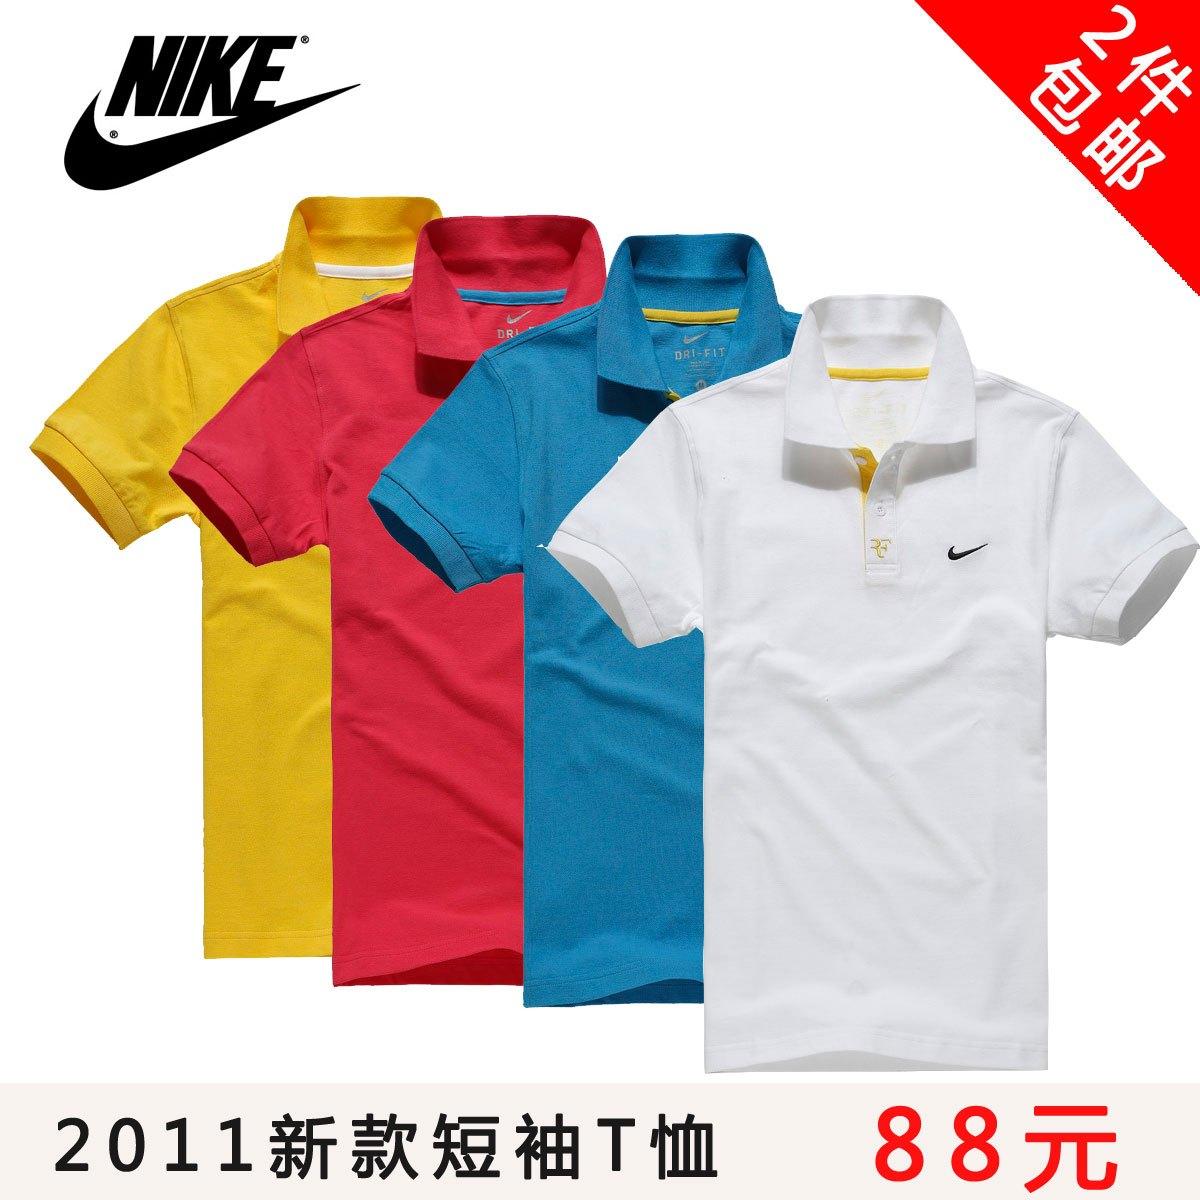 Спортивная футболка Liberal brand 1001 Nike/2011 Стандартный Воротник-стойка Для спорта и отдыха Быстросохнущие Эмблемы